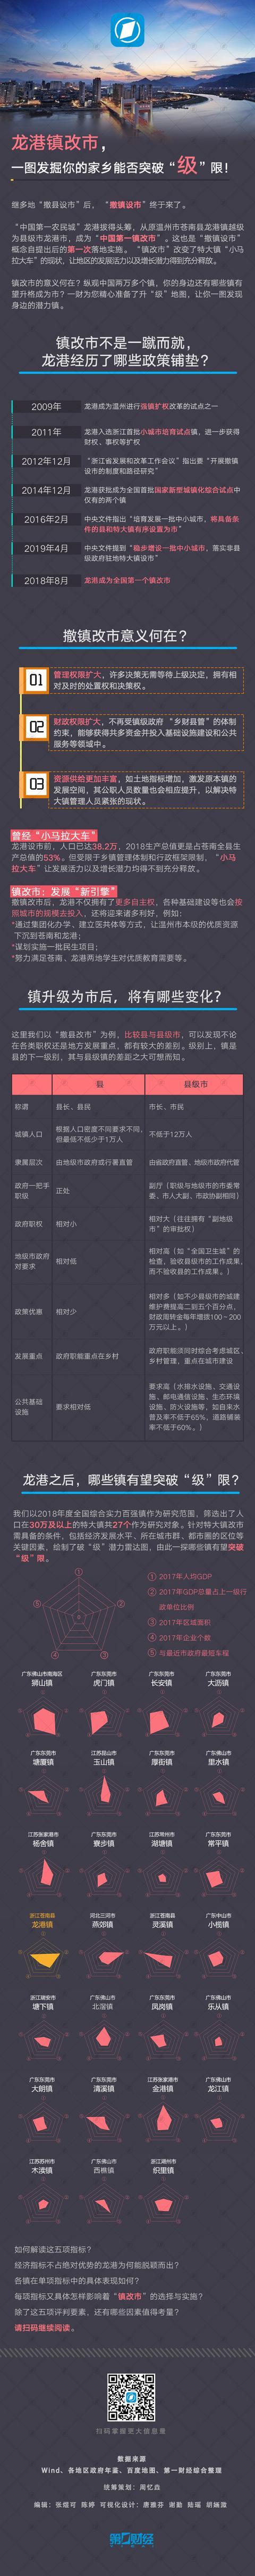 """龙港镇改市,数据发掘你的家乡能否突破""""级""""限!丨VIP频道试读"""